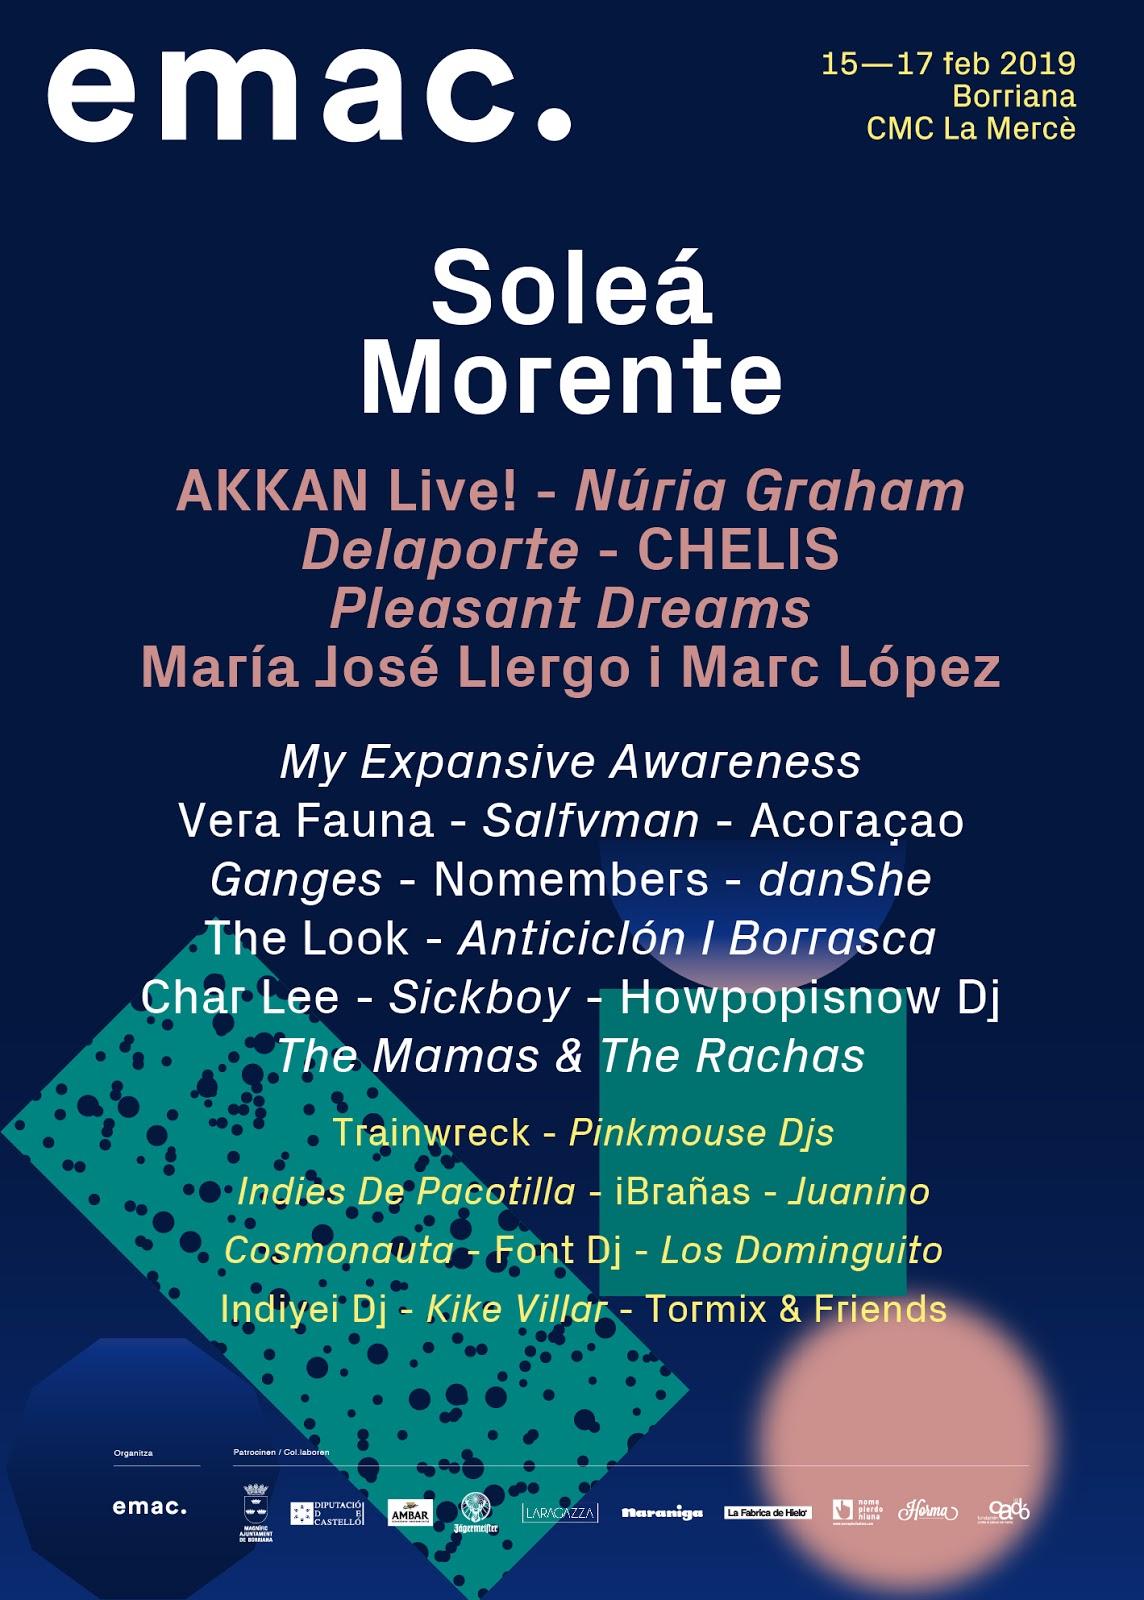 Festivales gratuitos en España - Página 2 Cartel%2Bemac.2019